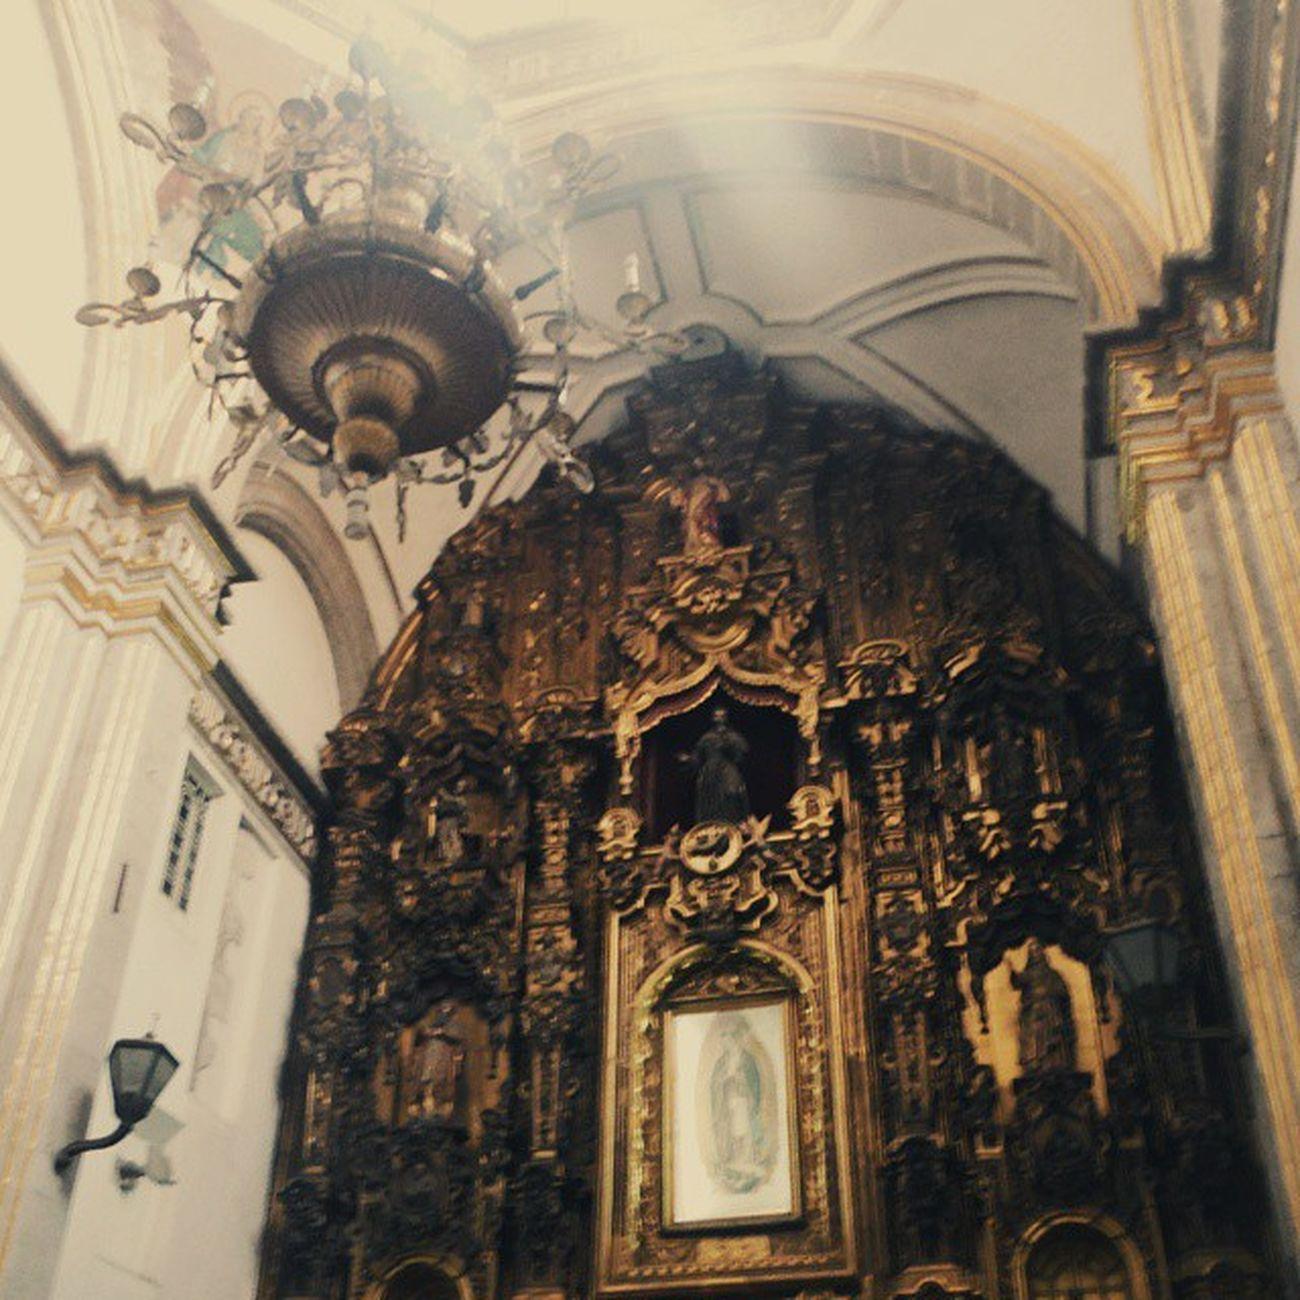 Vscocam Templo Sanfrancisco Madera mexicocity districtofederal df iglesia mexico